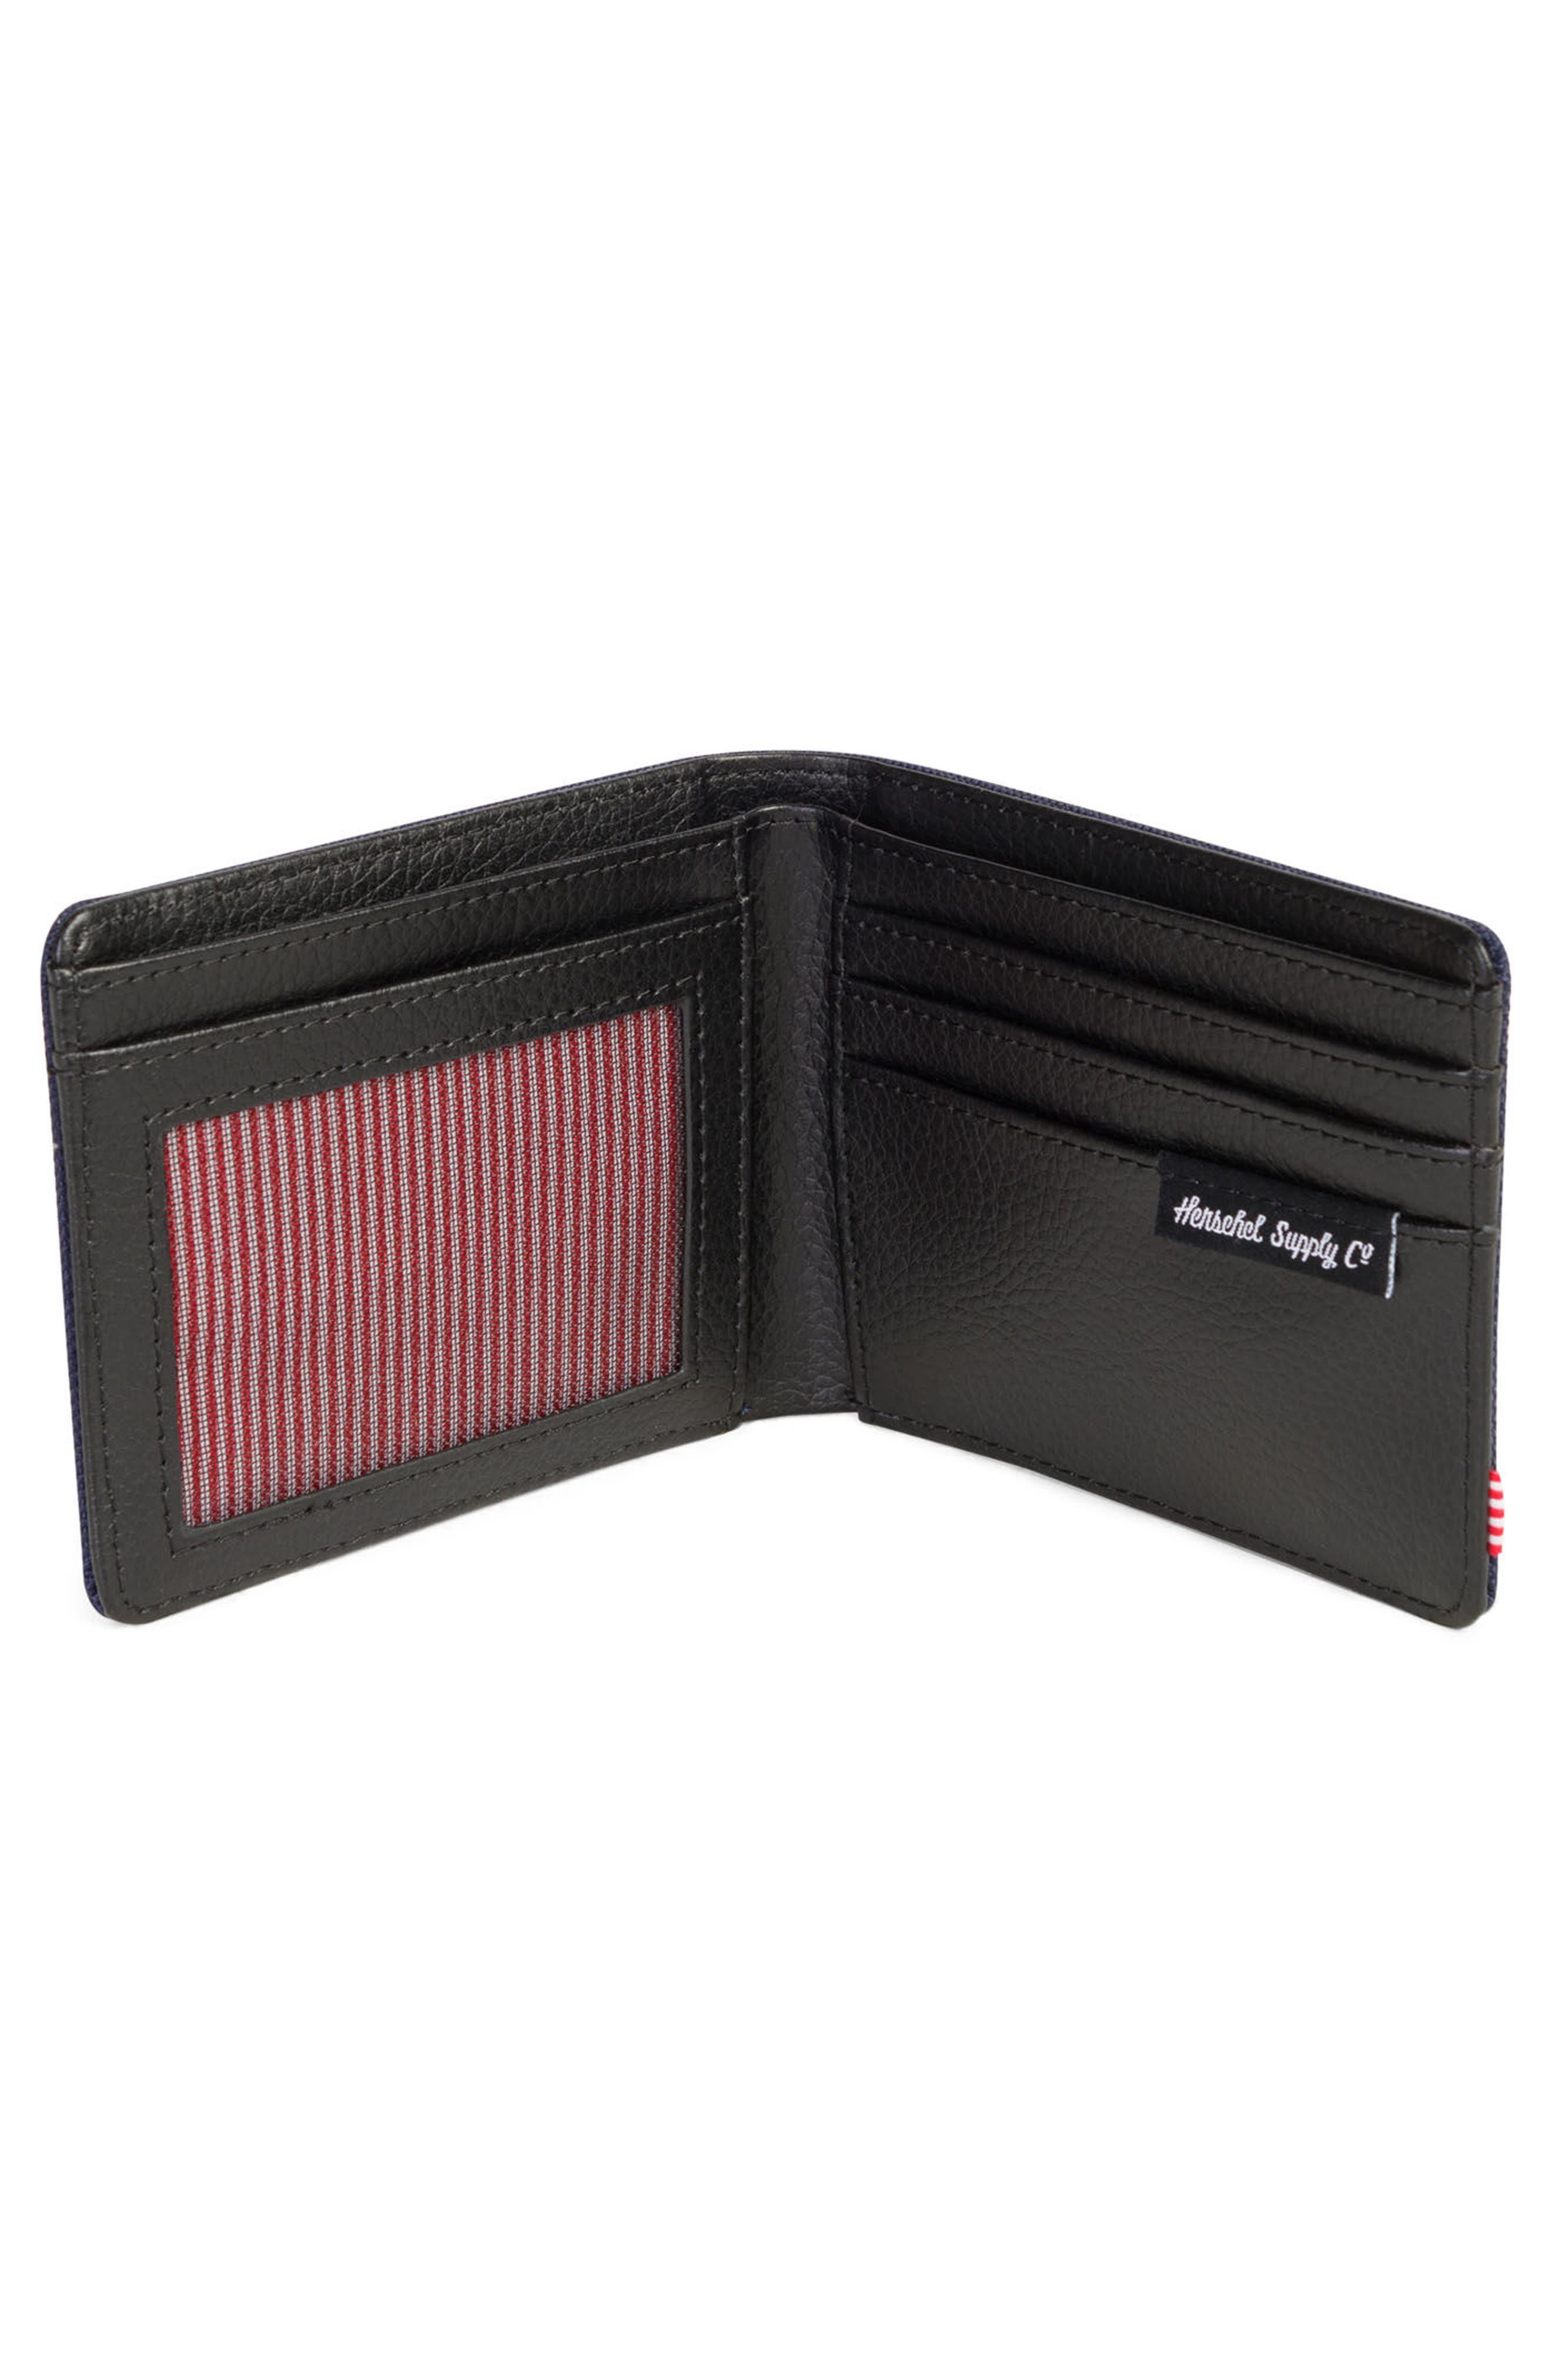 Alternate Image 2  - Herschel Supply Co. Hank RFID Bifold Wallet